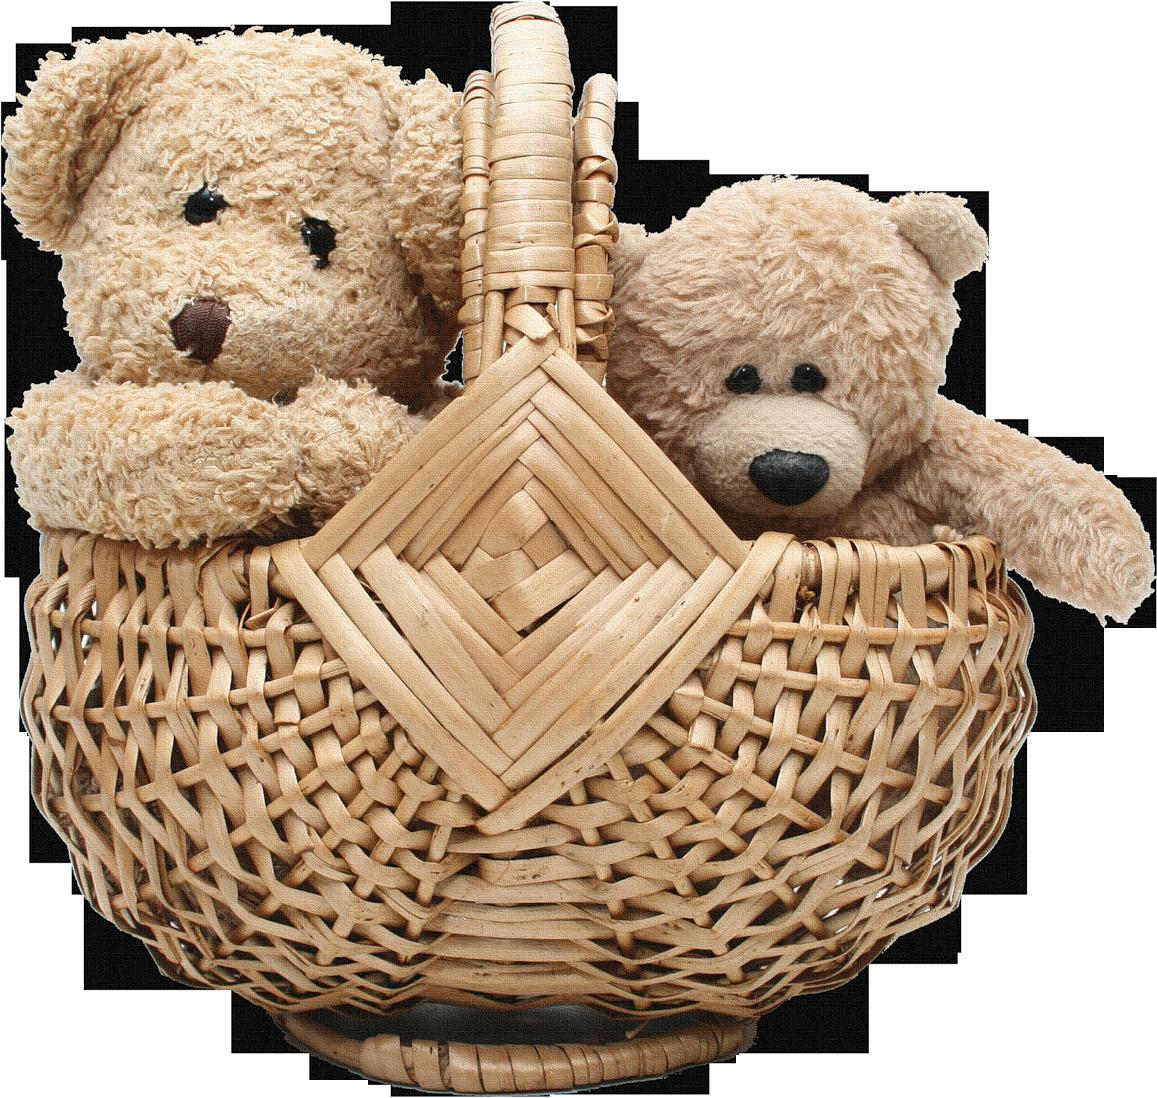 Two Teddy Bear In Basket